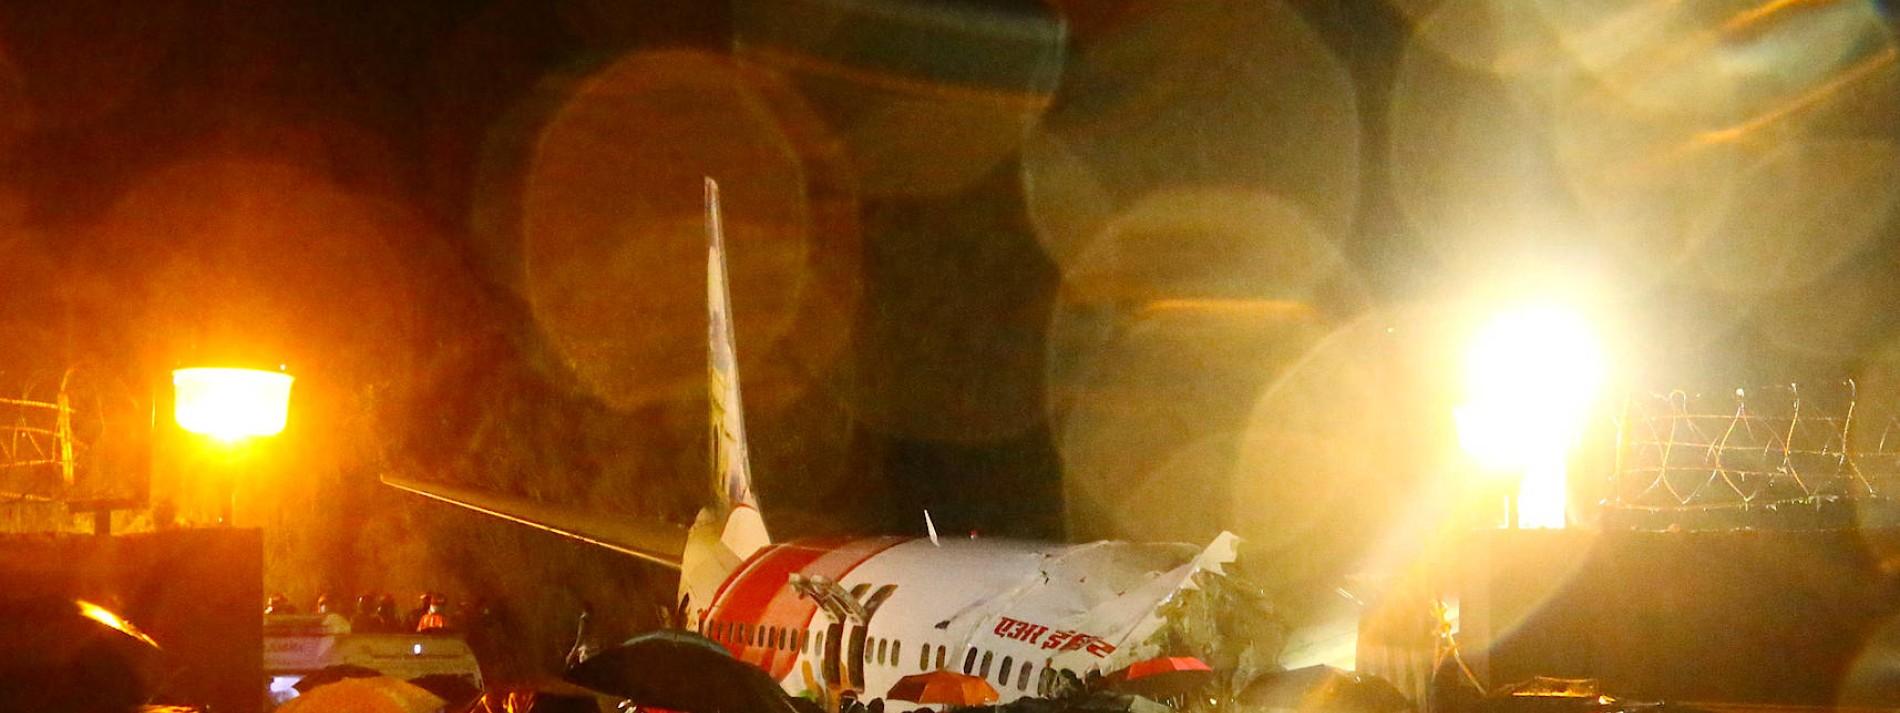 Flugzeug bei Landung verunglückt